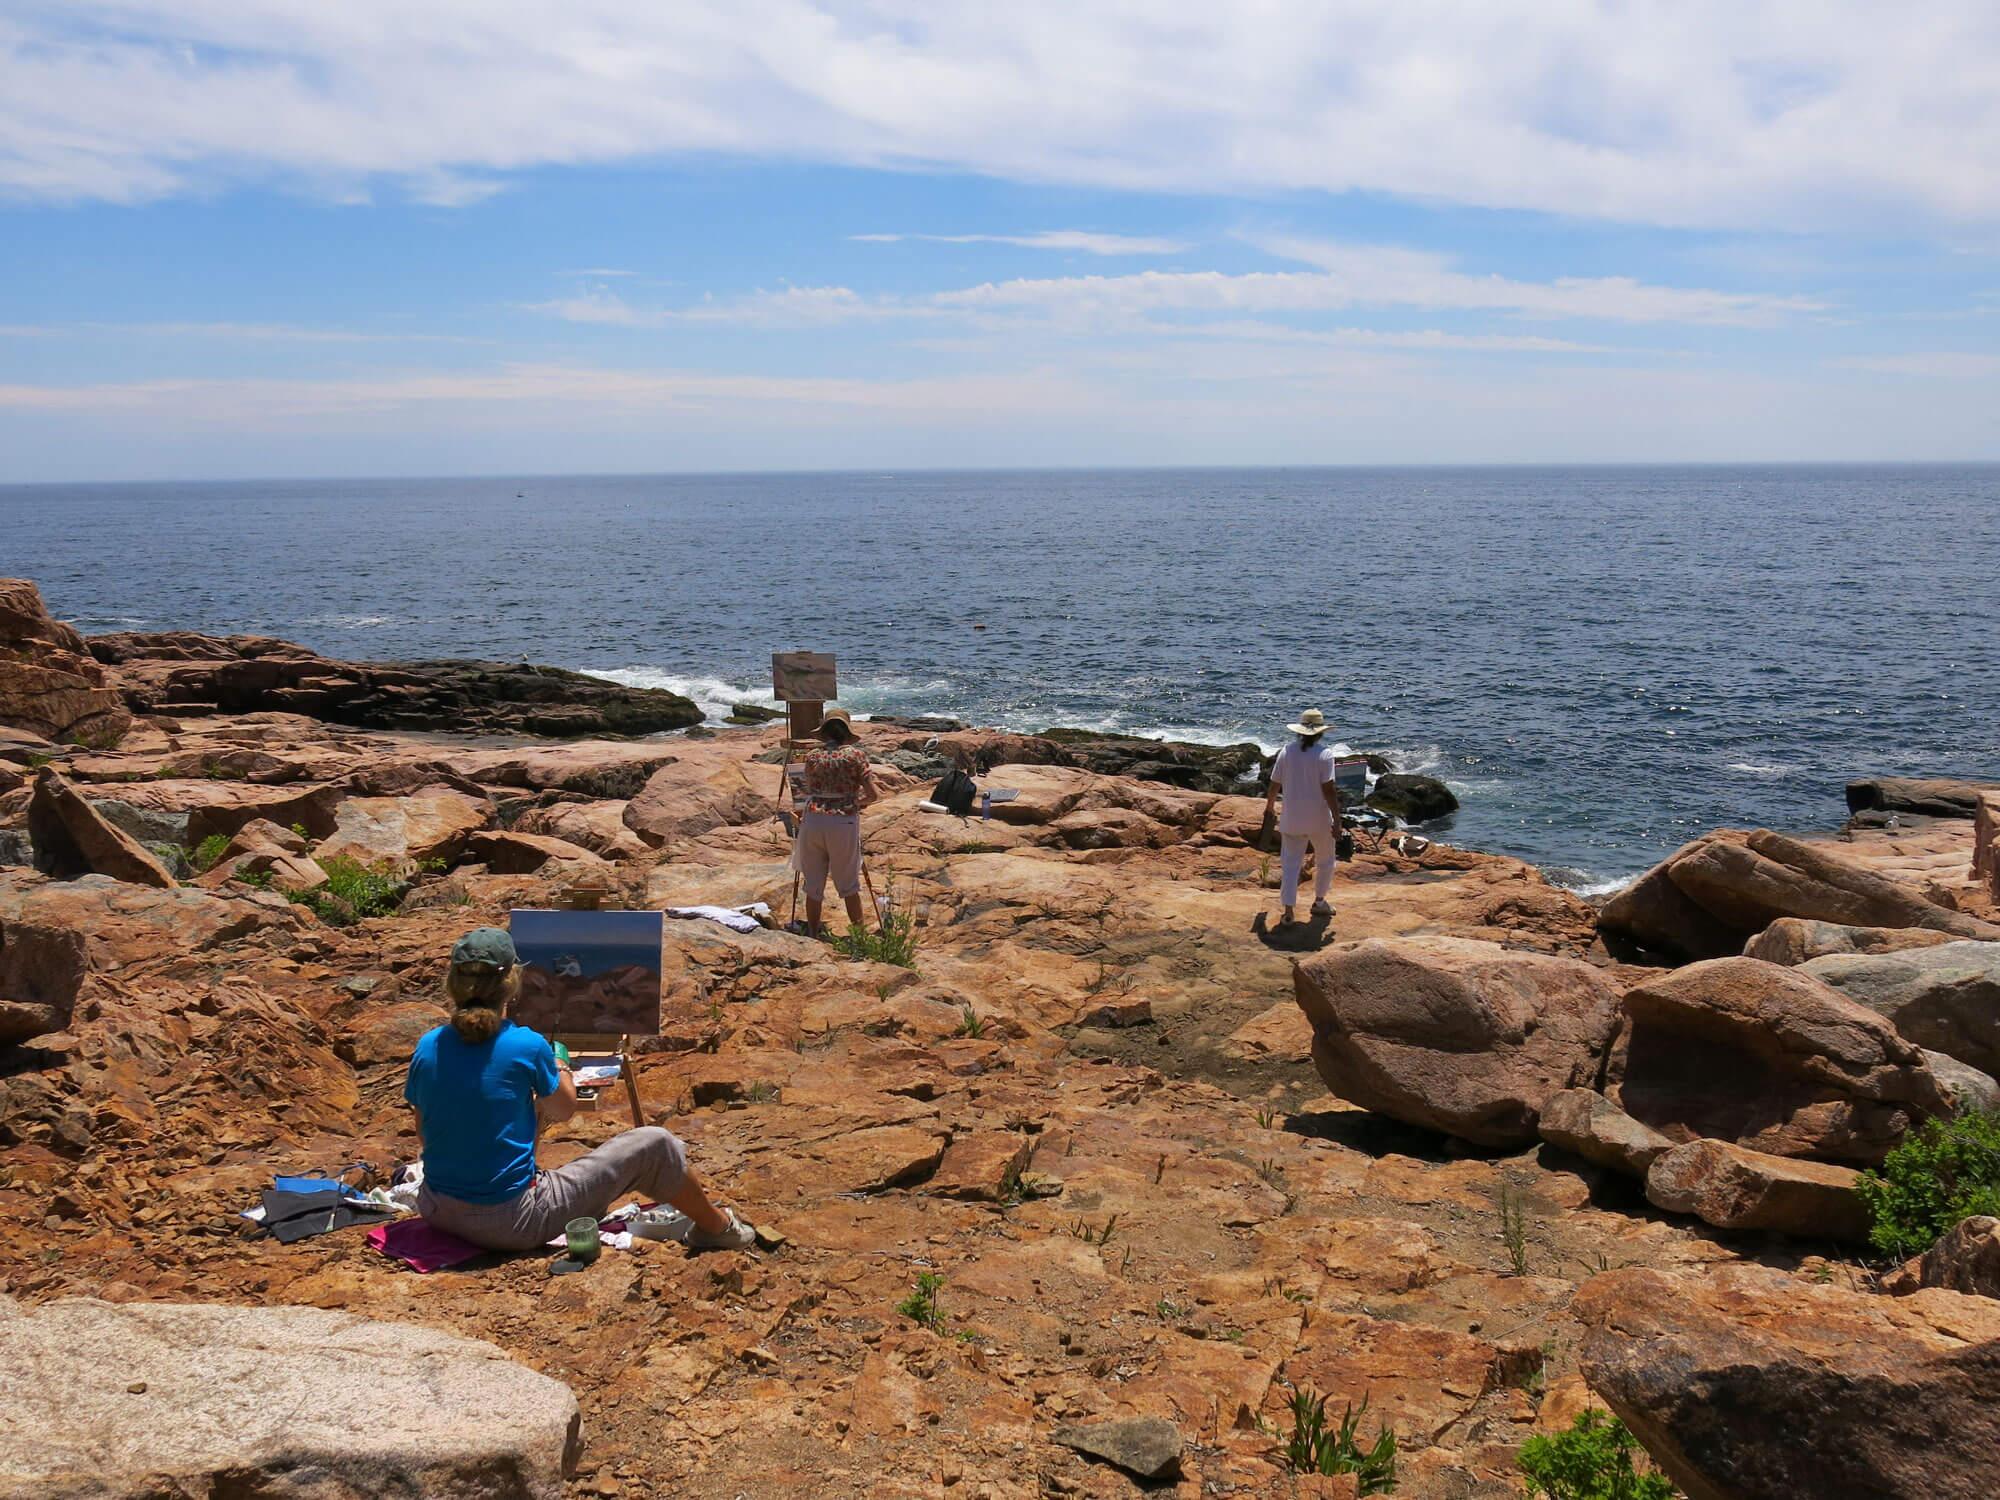 Summer Immersive Workshops